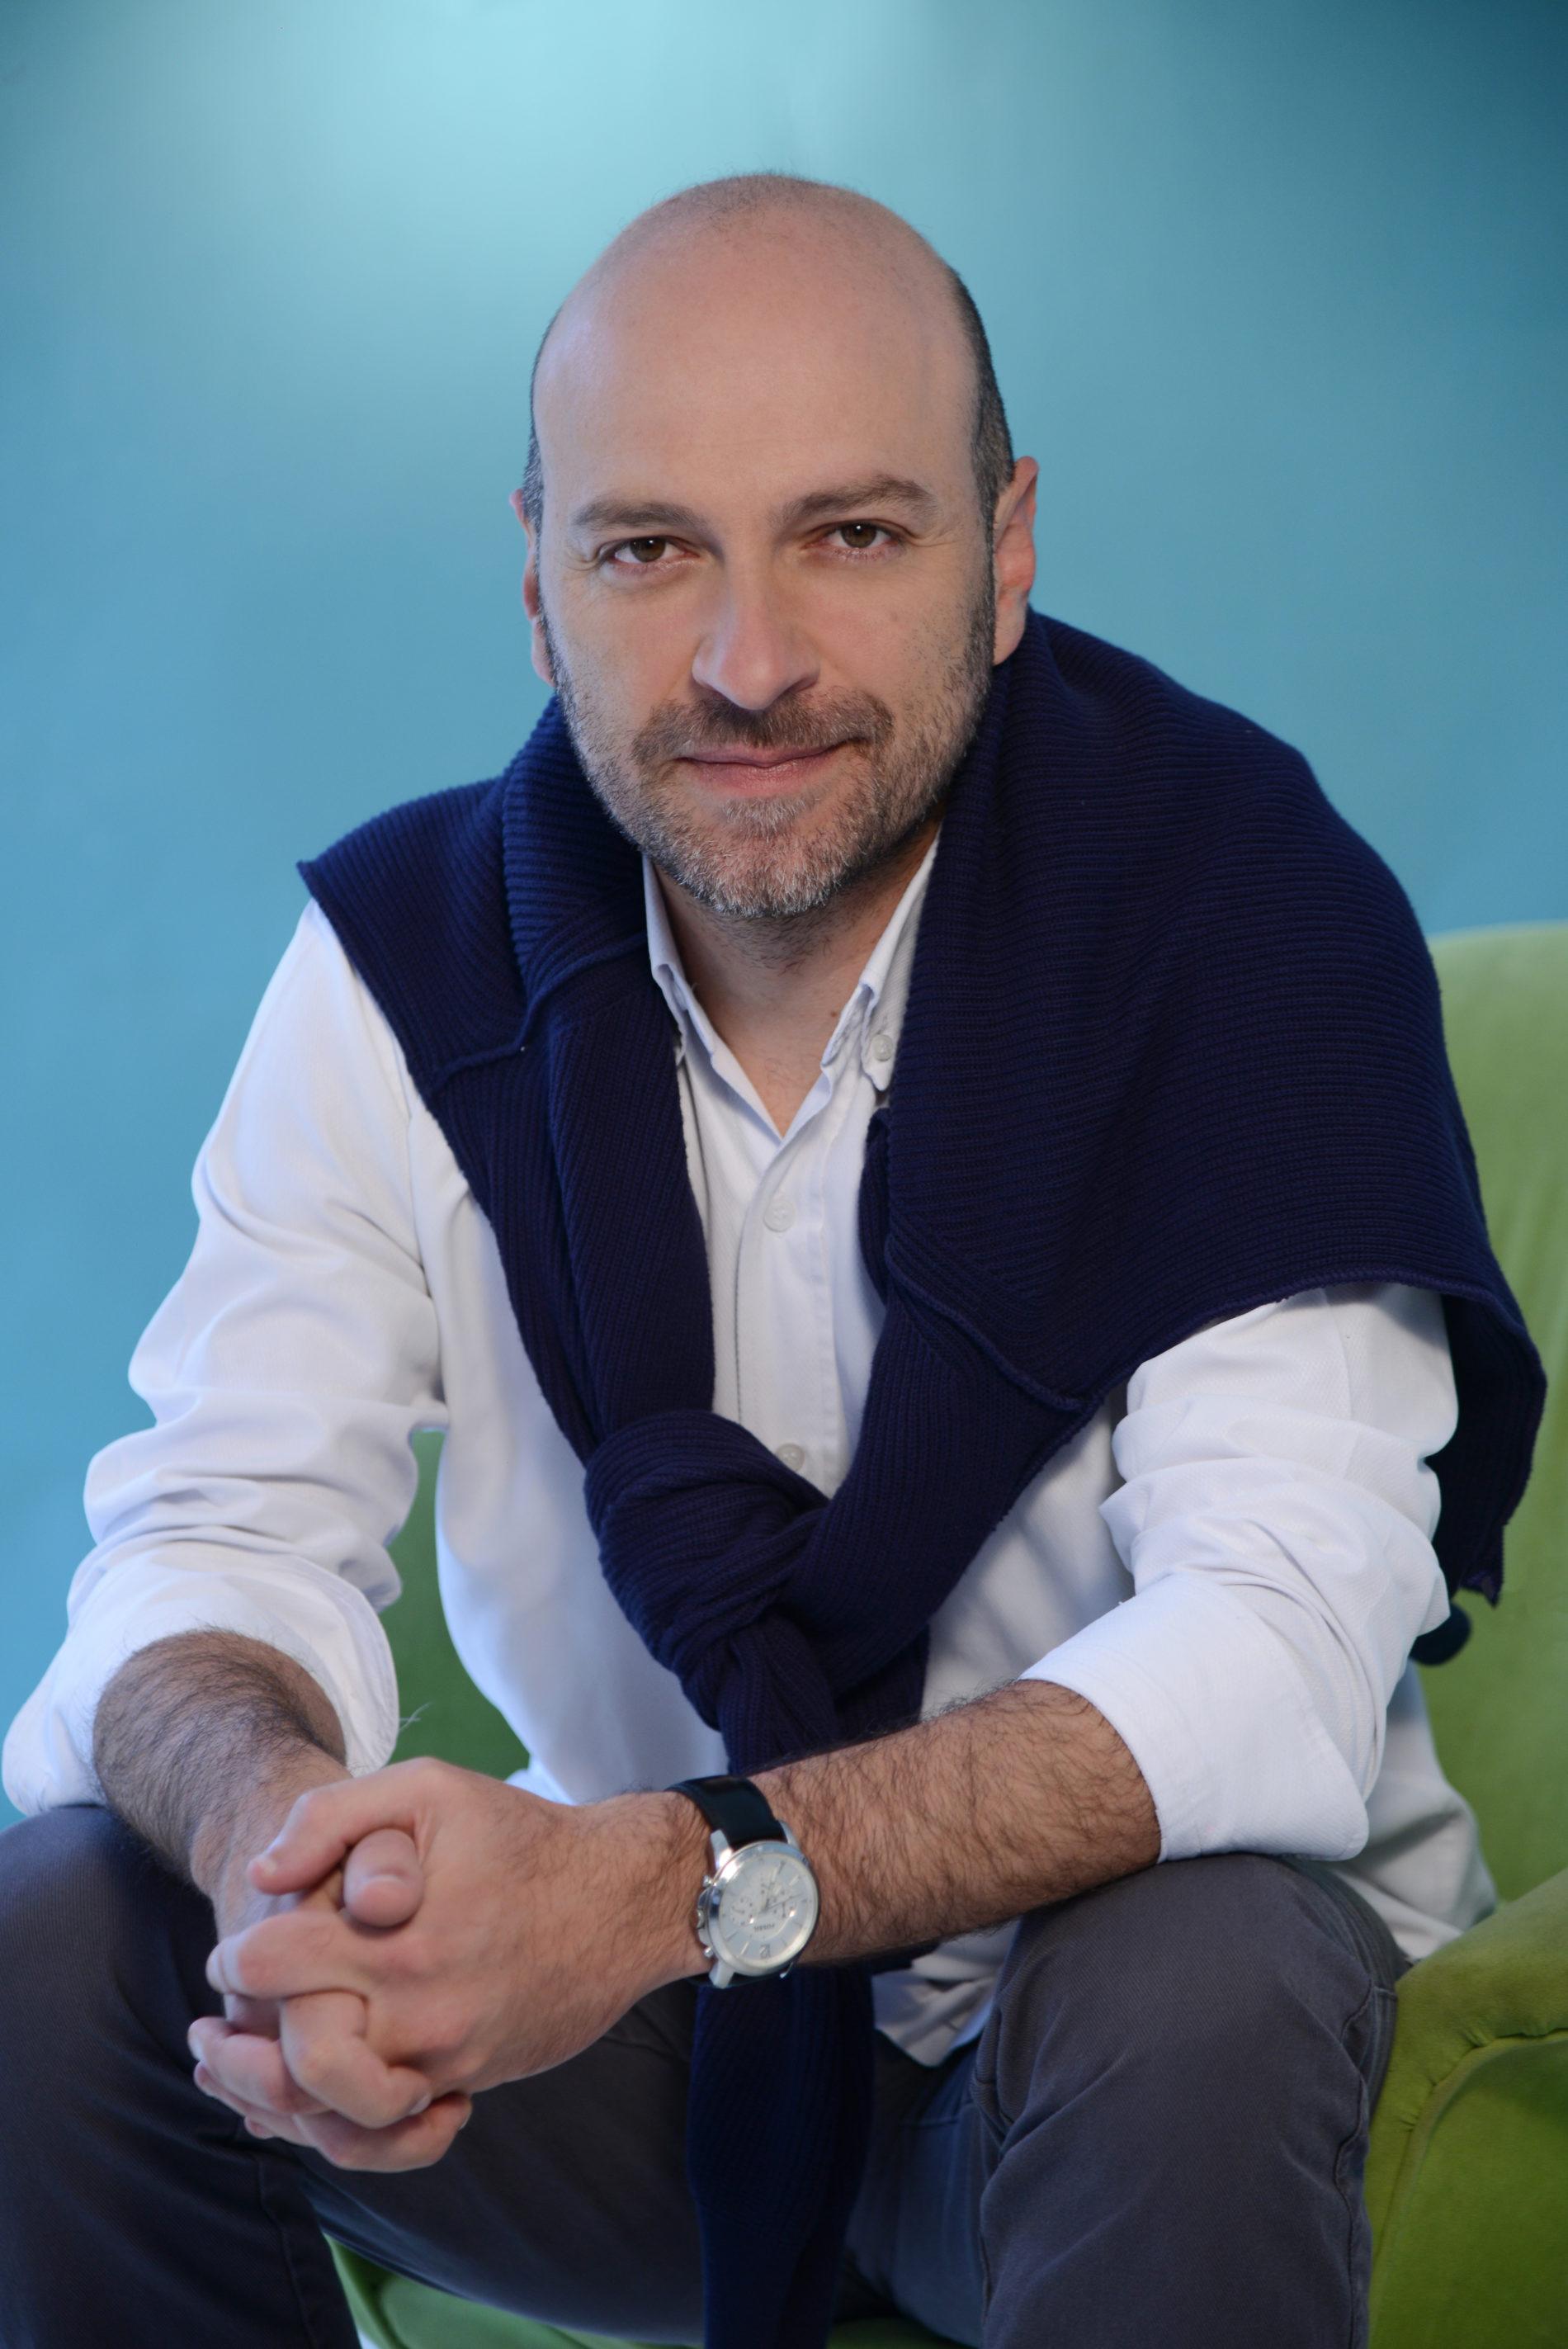 Nicolás Samper PARTÍCIPE DE UNA ORIGINAL TERTULIA QUE ESTÁ EN LA JUGADA